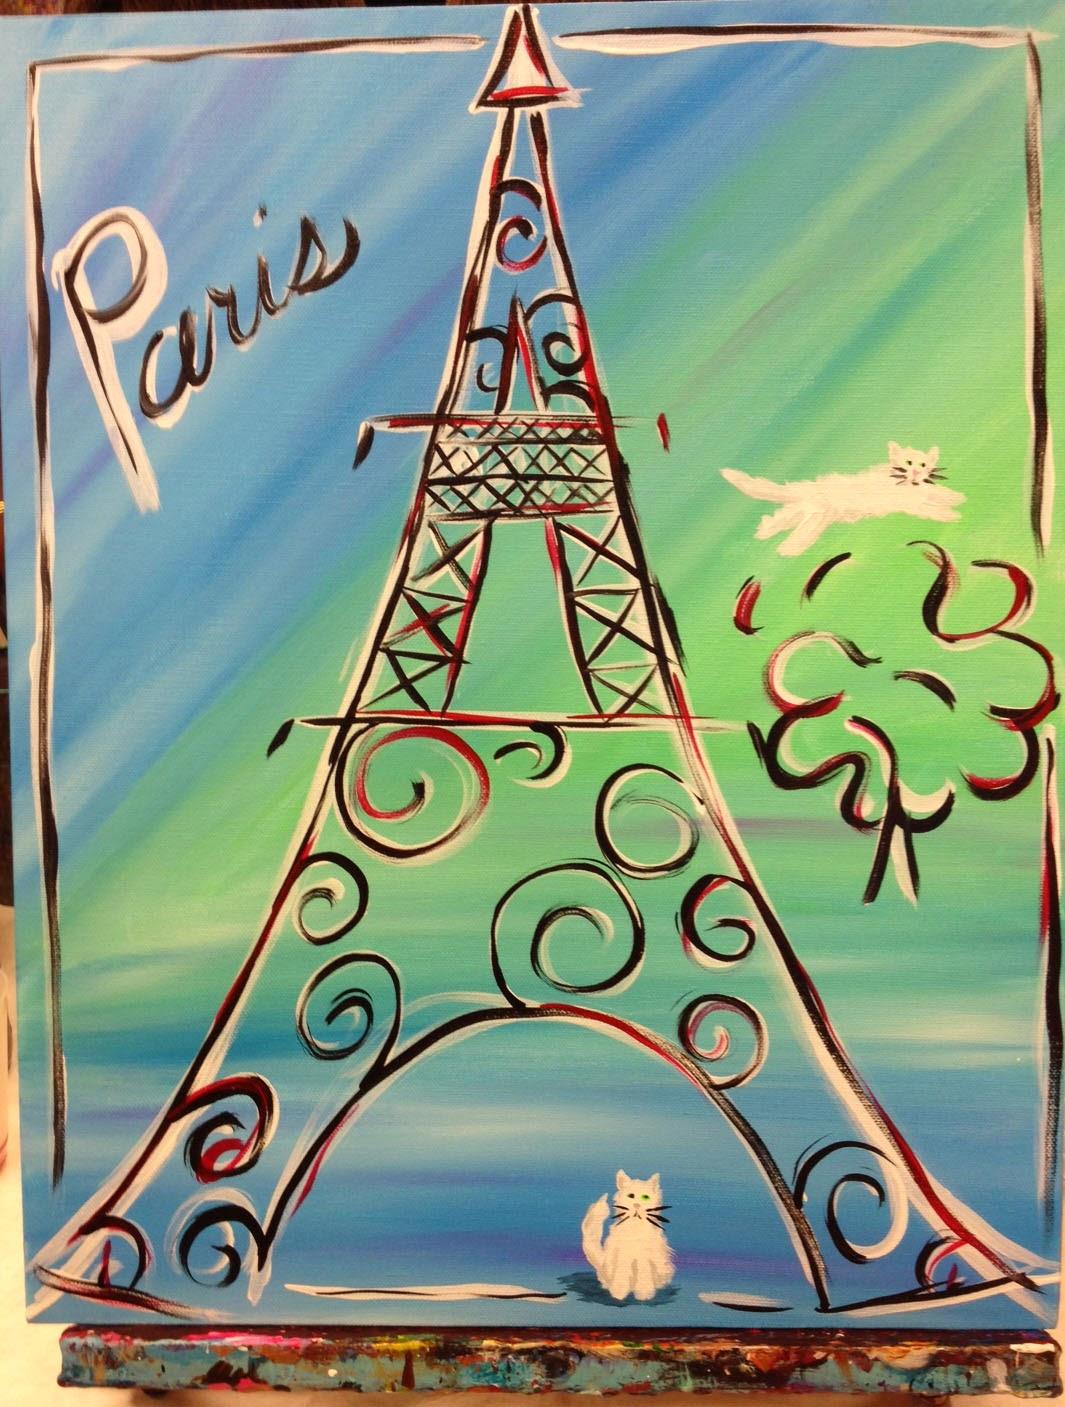 kitten-painting, cat-painting, eifel-tower-painting, sips-n-strokes, dip-n-dab